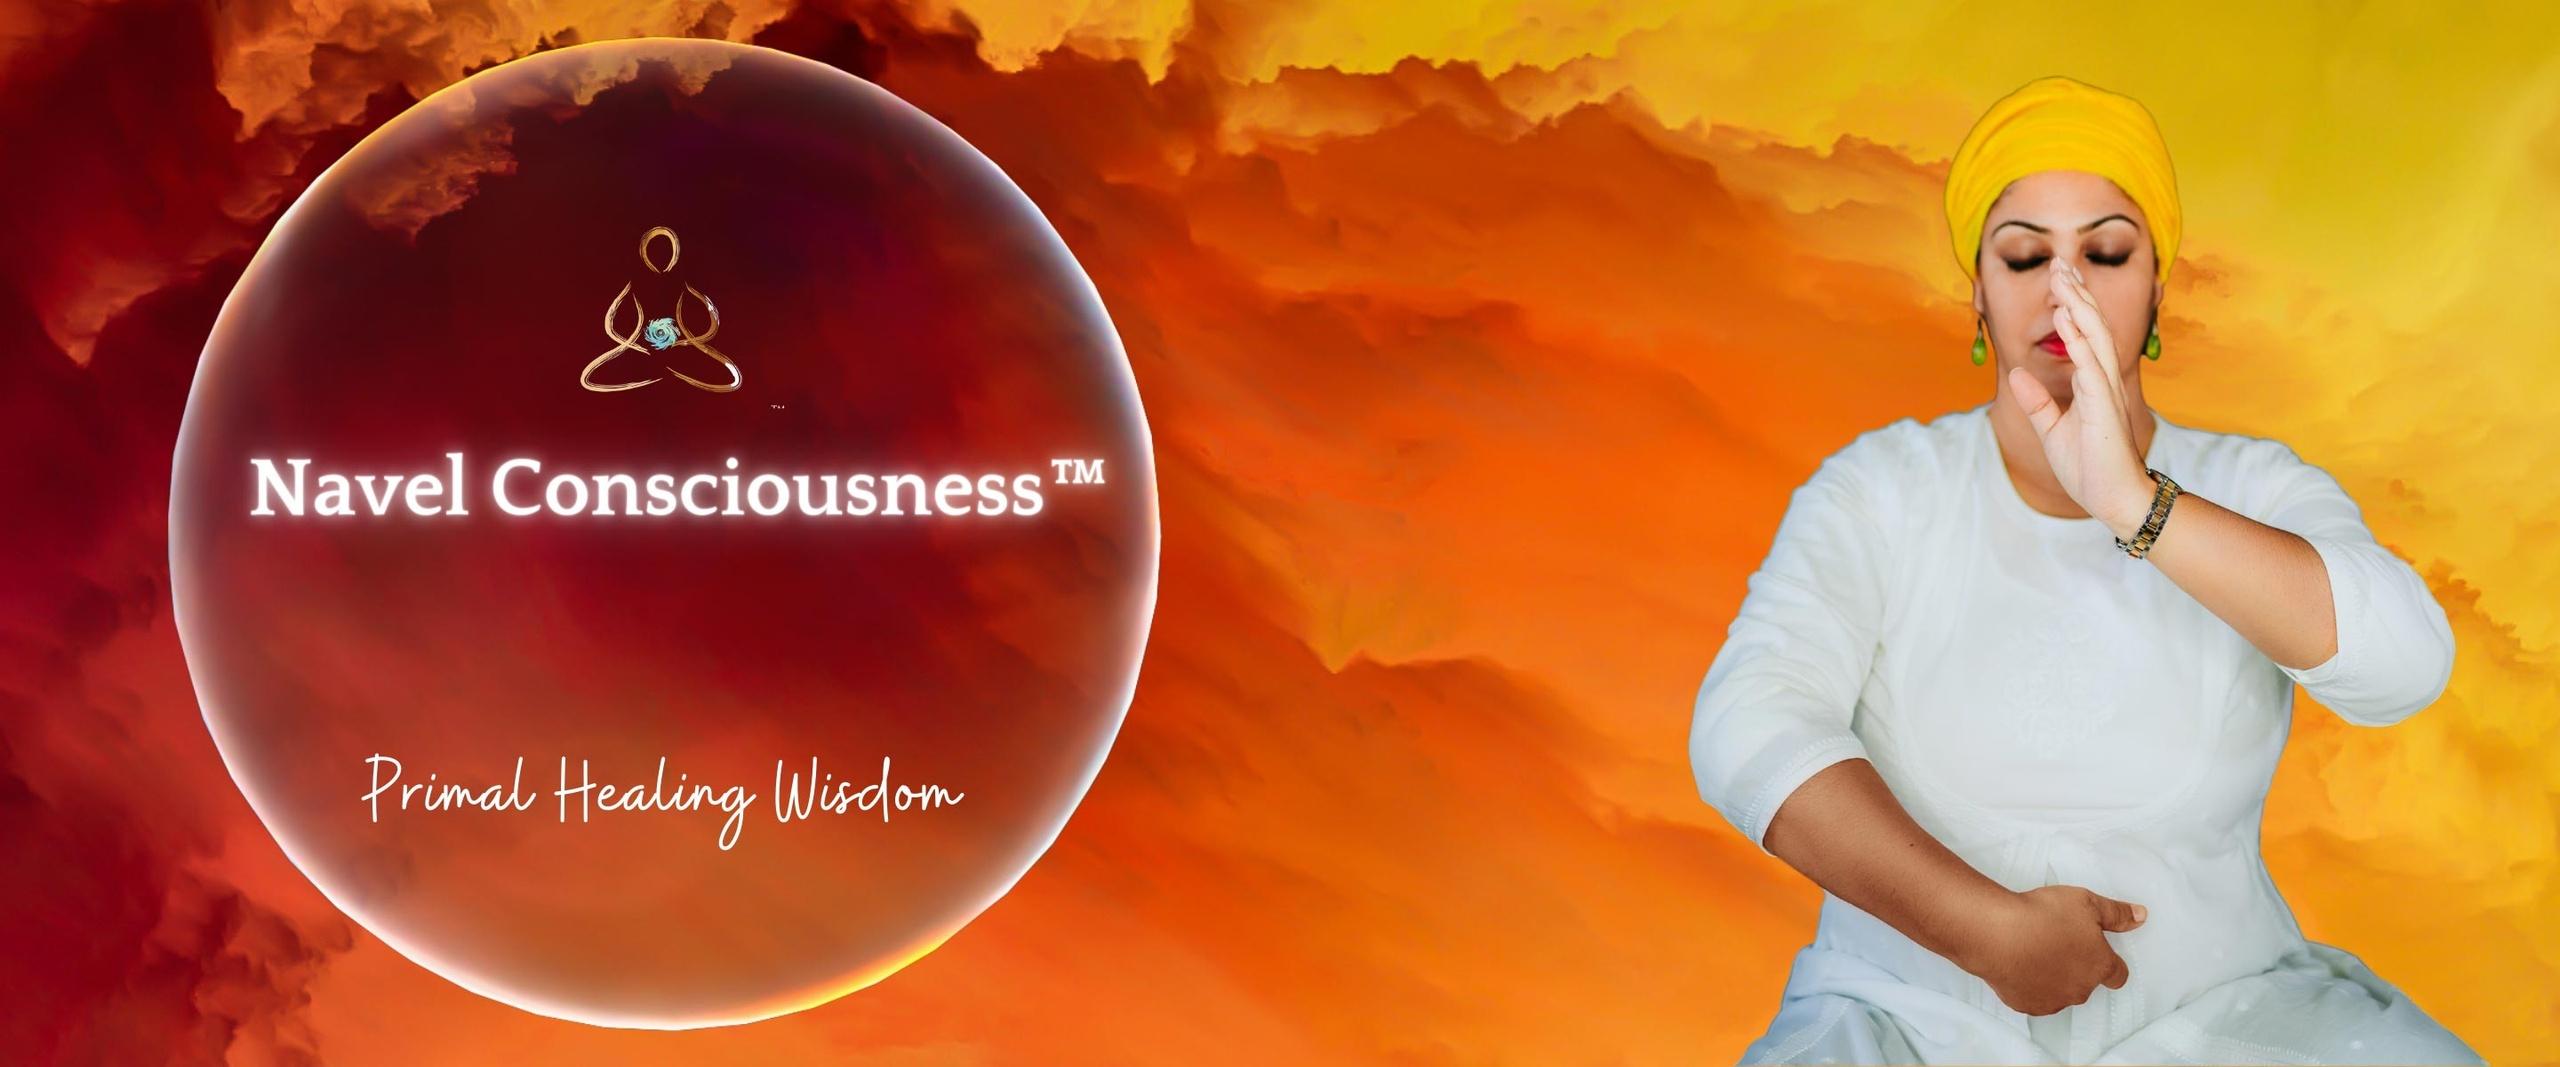 Navel Consciousness primal healing wisdom